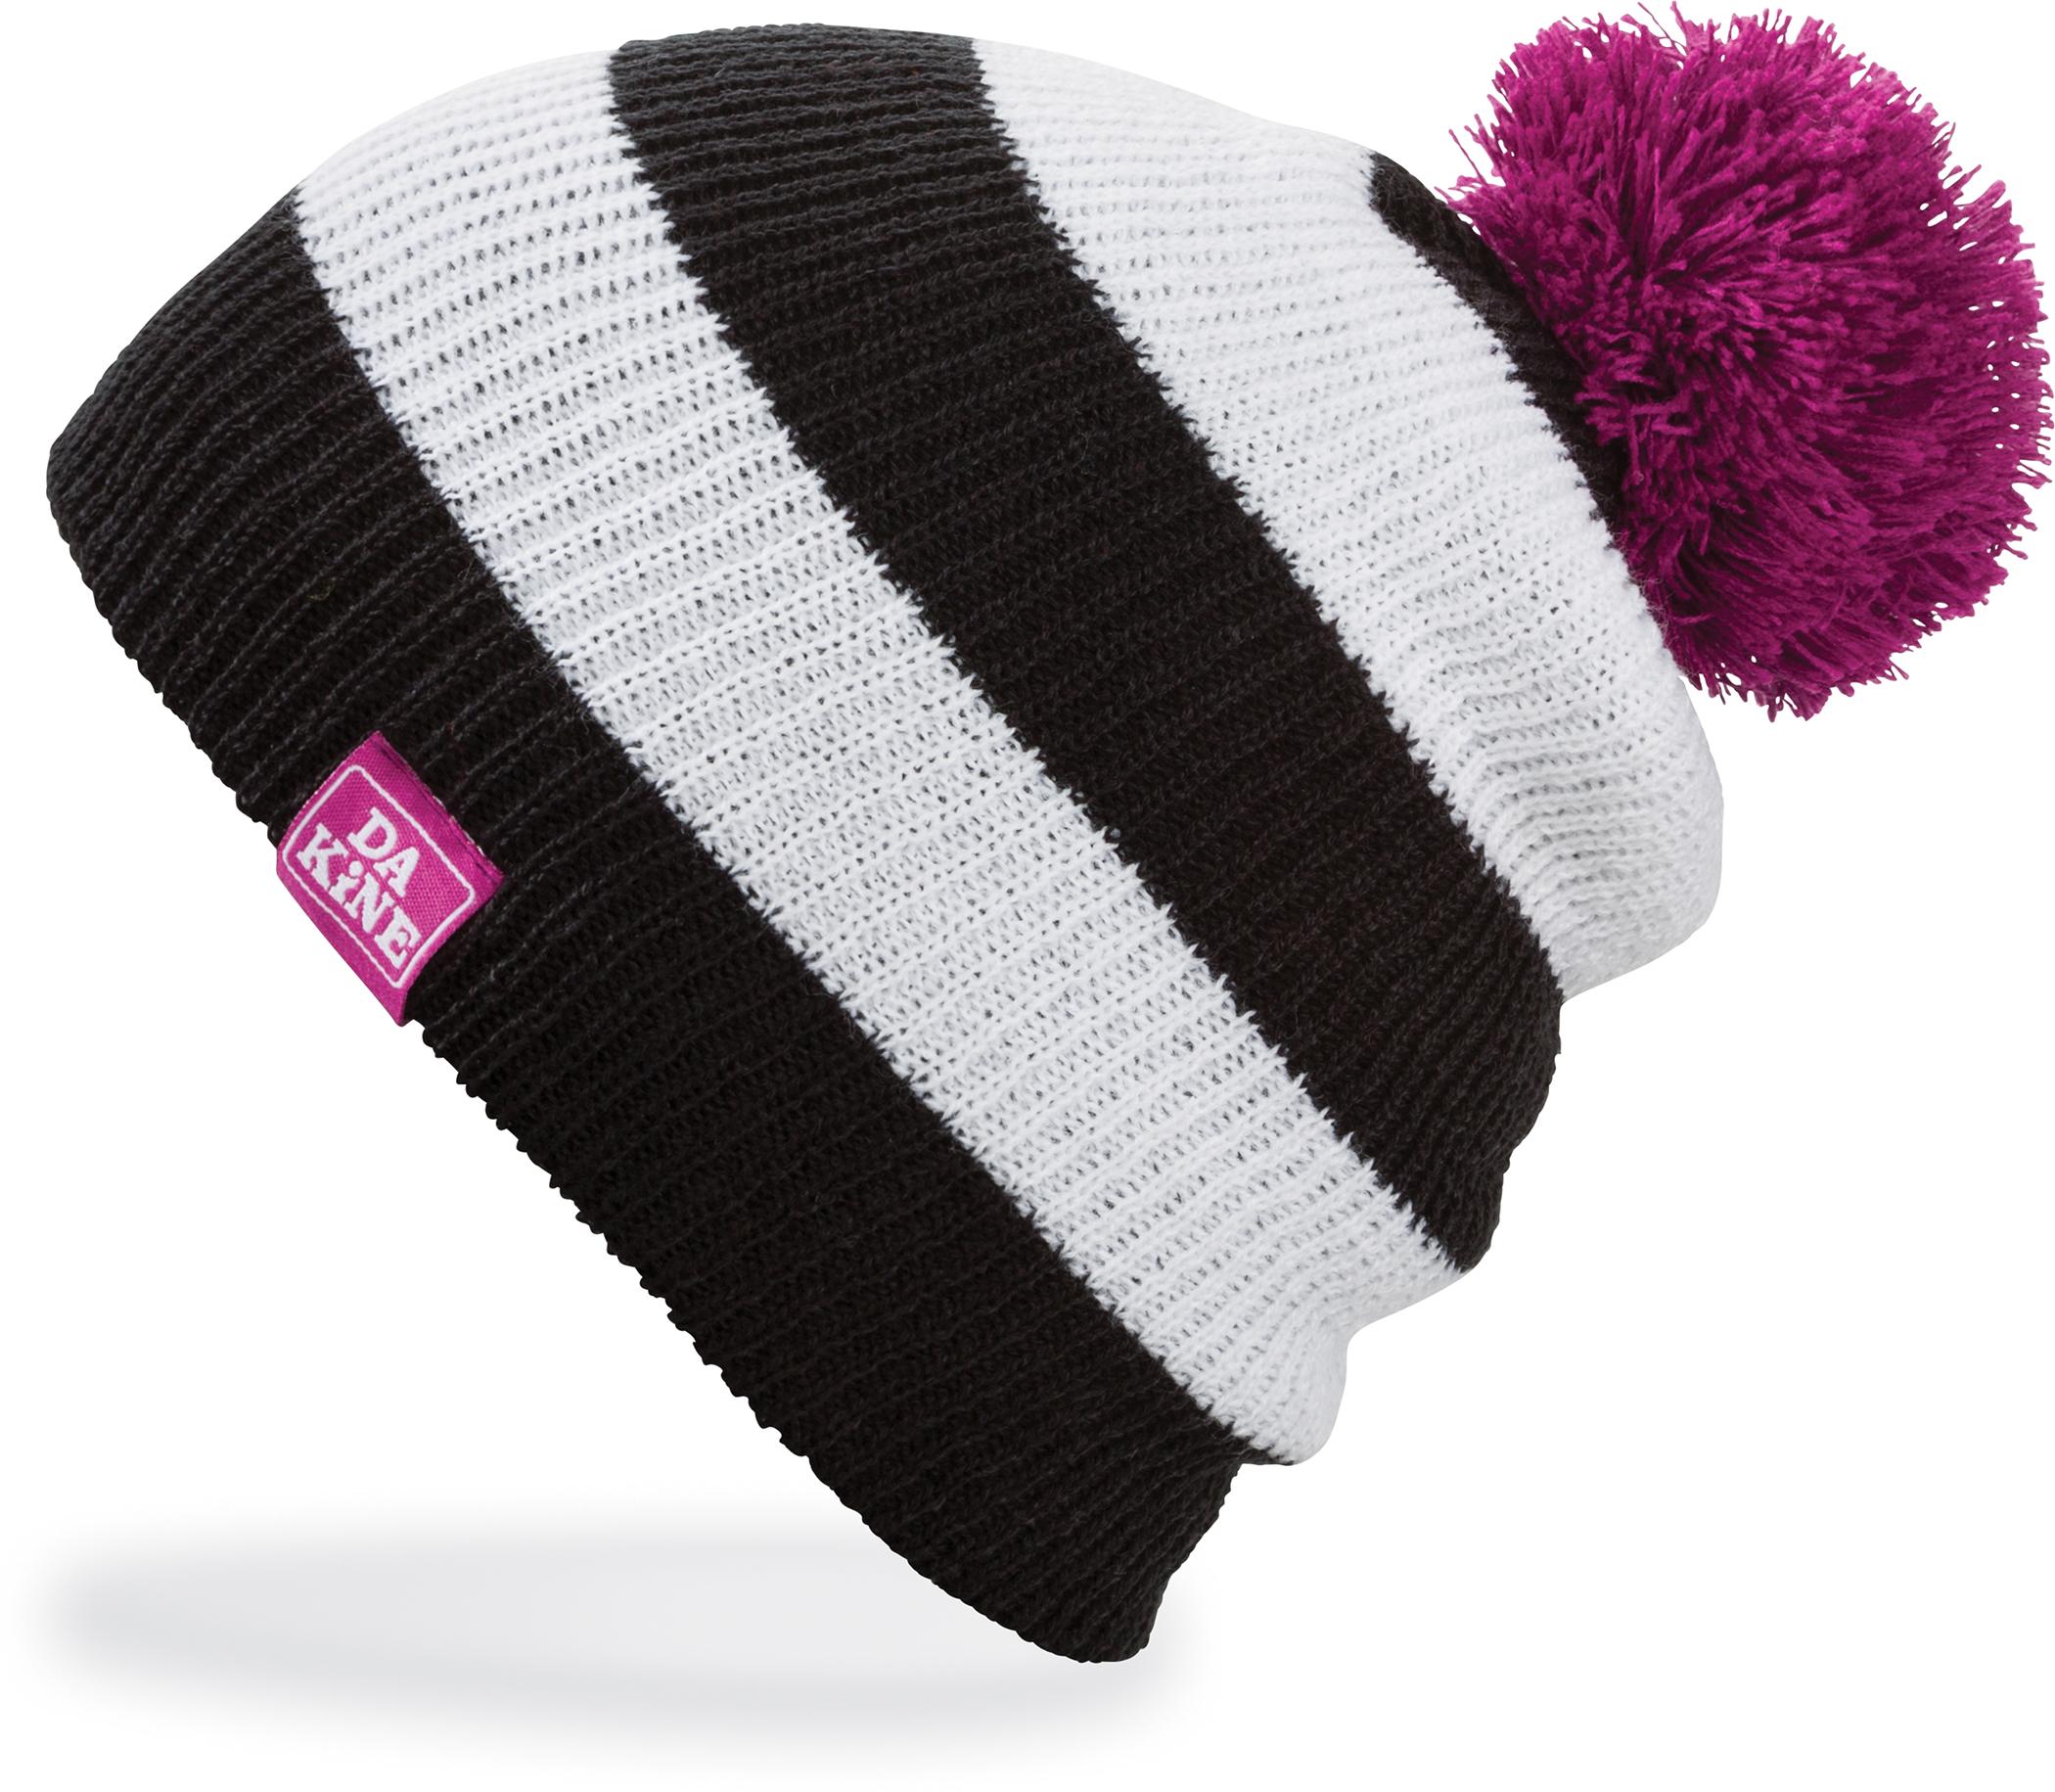 Dakine Wendy Girls Beanie Hat Black White  278f32a2d38